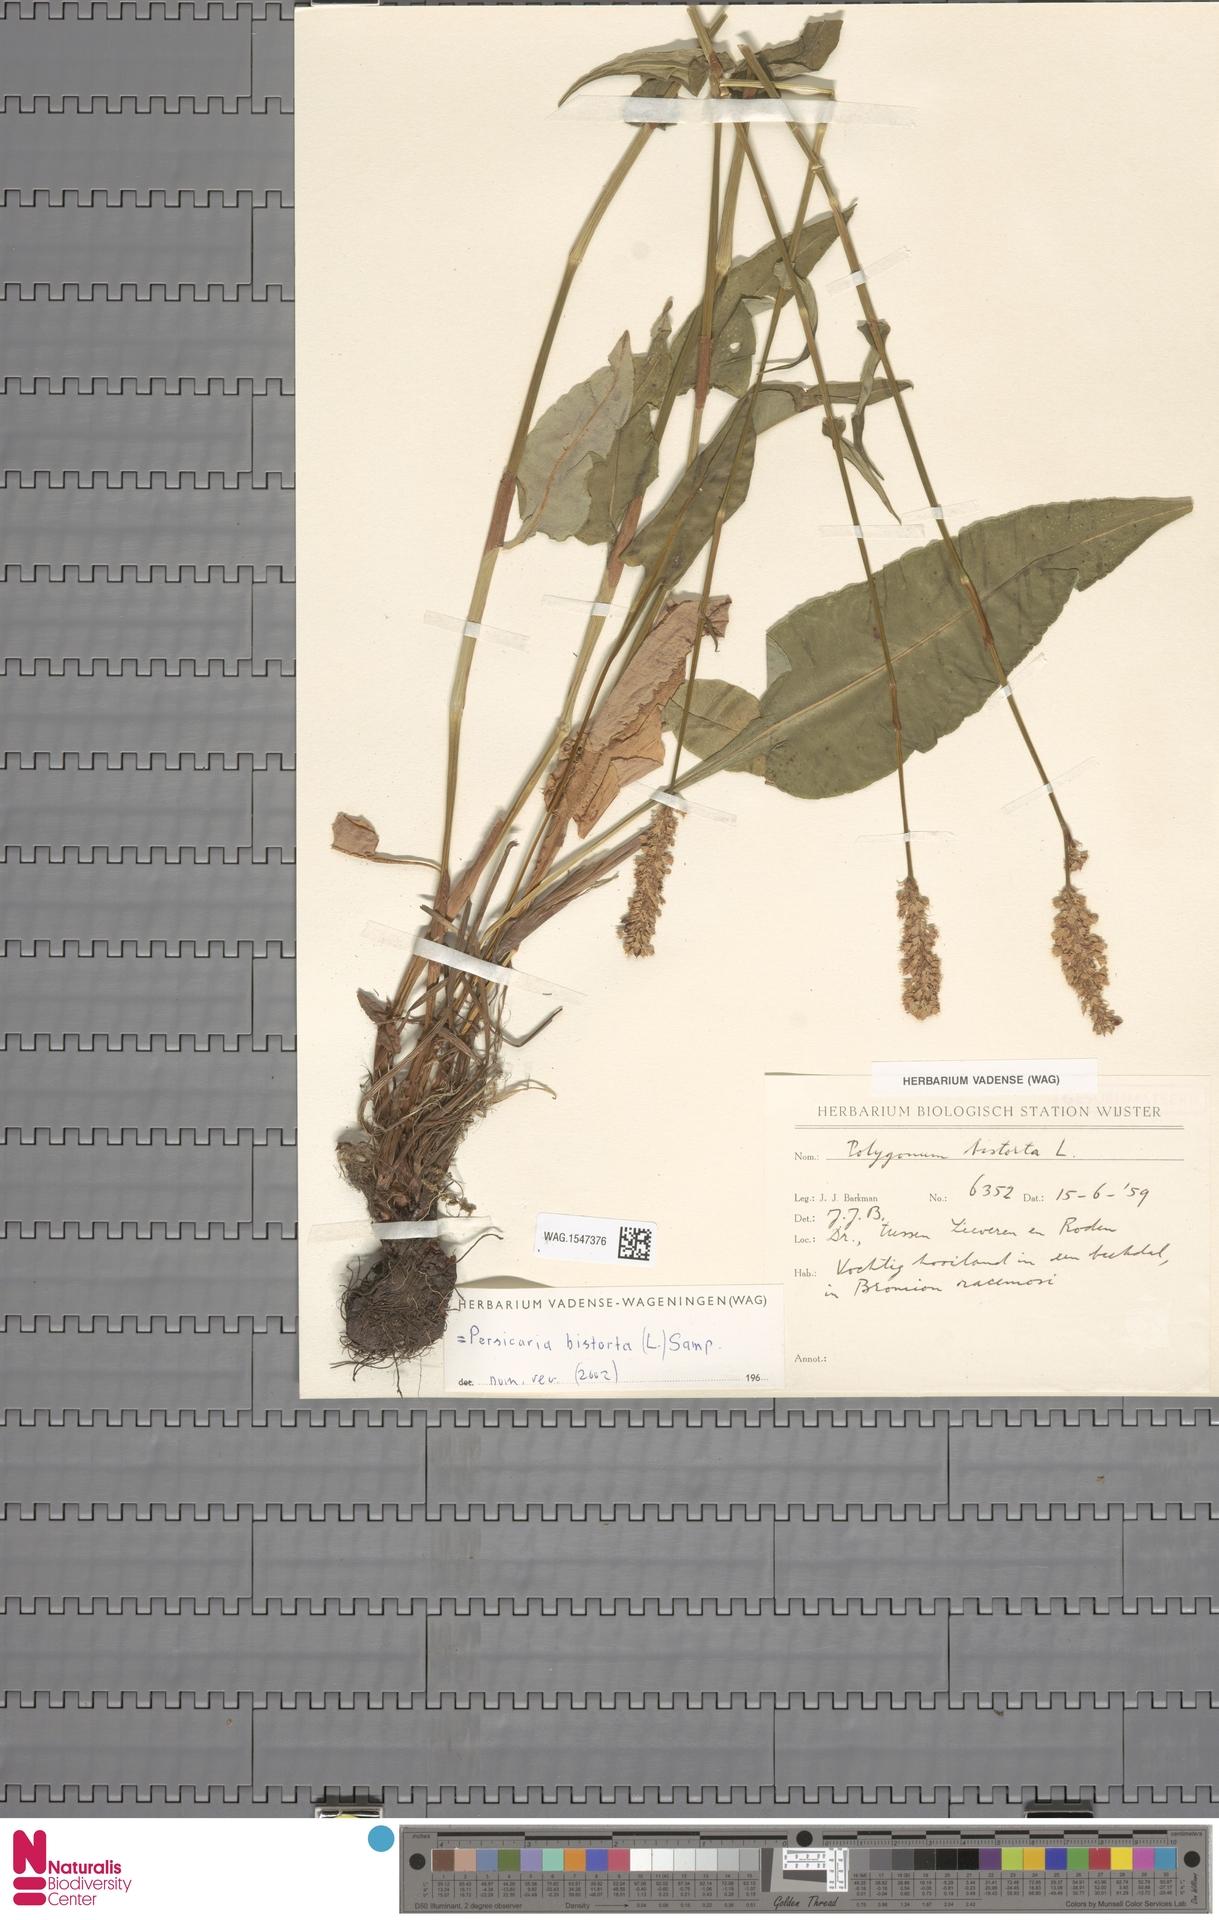 WAG.1547376 | Persicaria bistorta (L.) Samp.